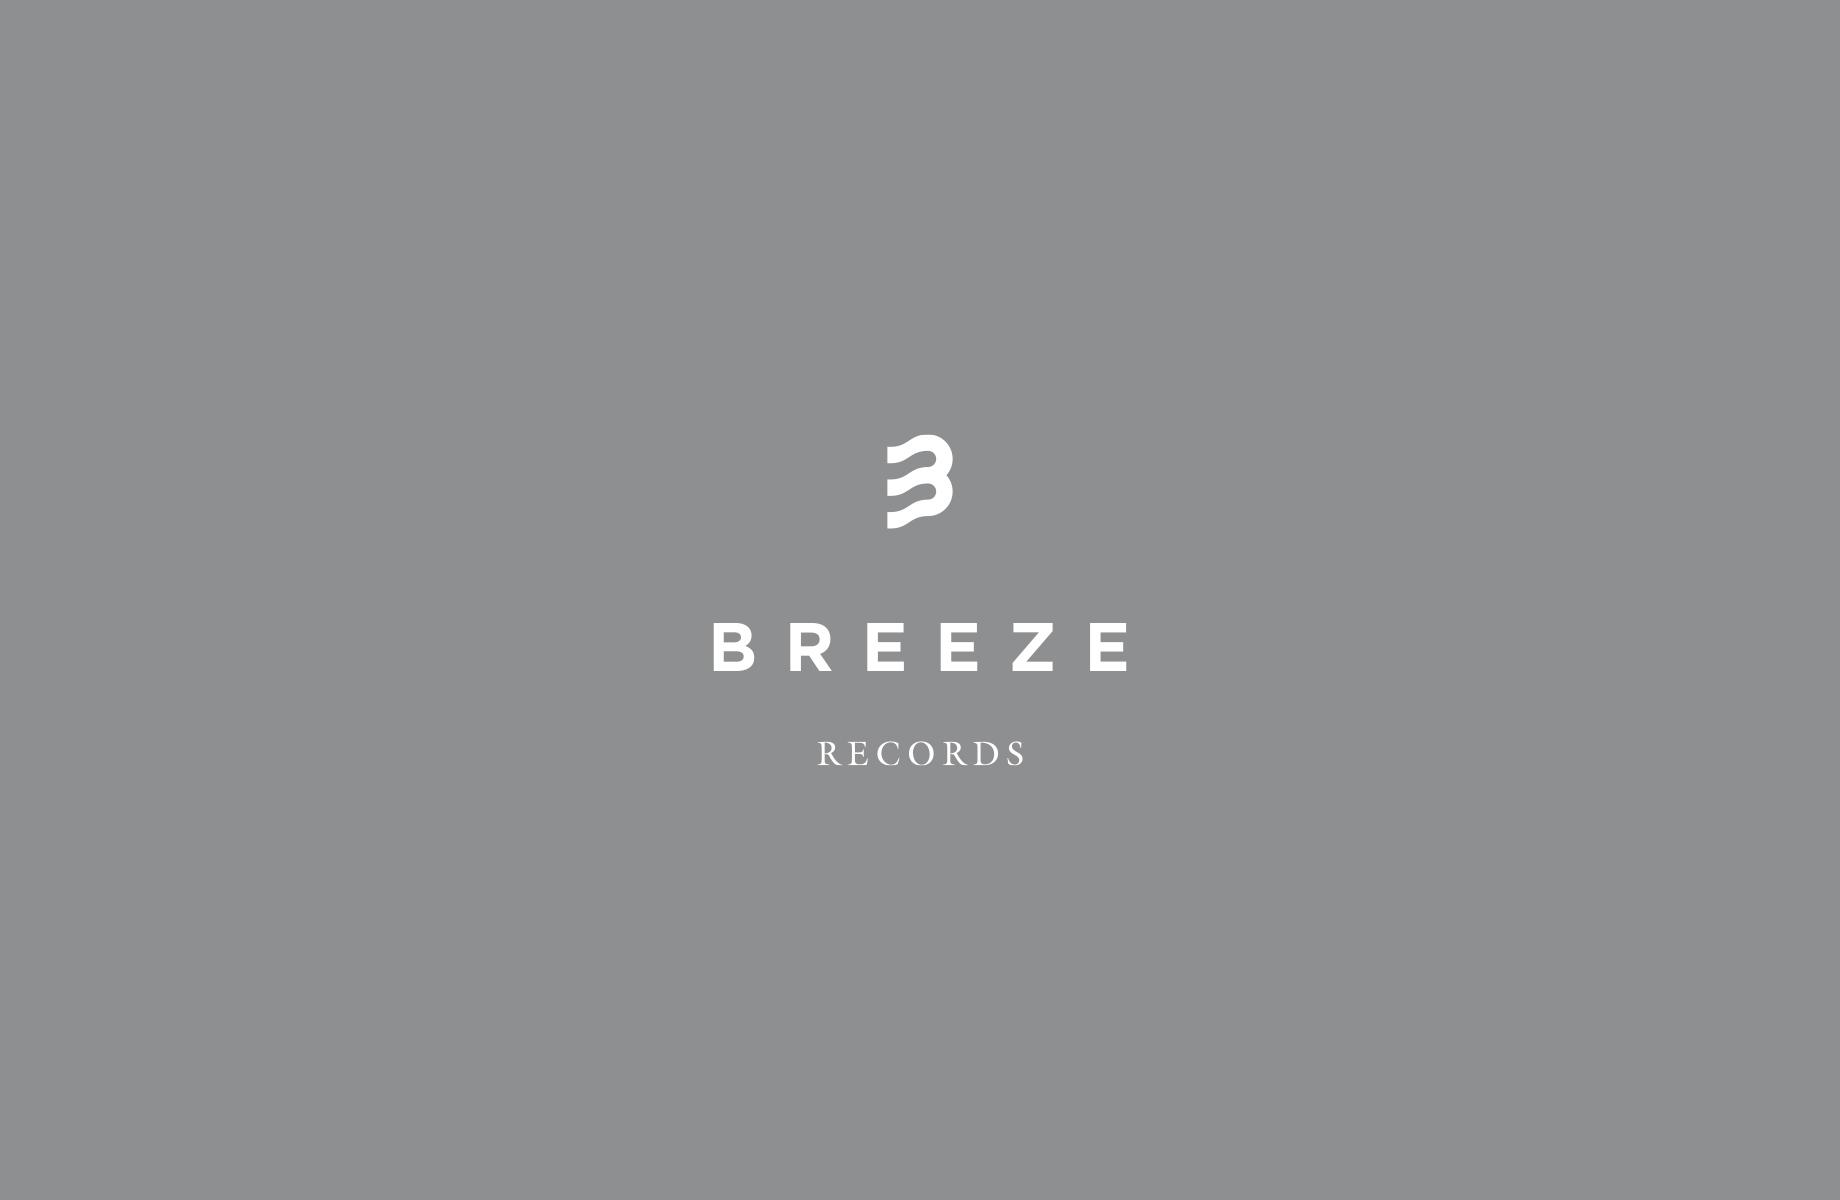 Breeze-Face-9.jpg